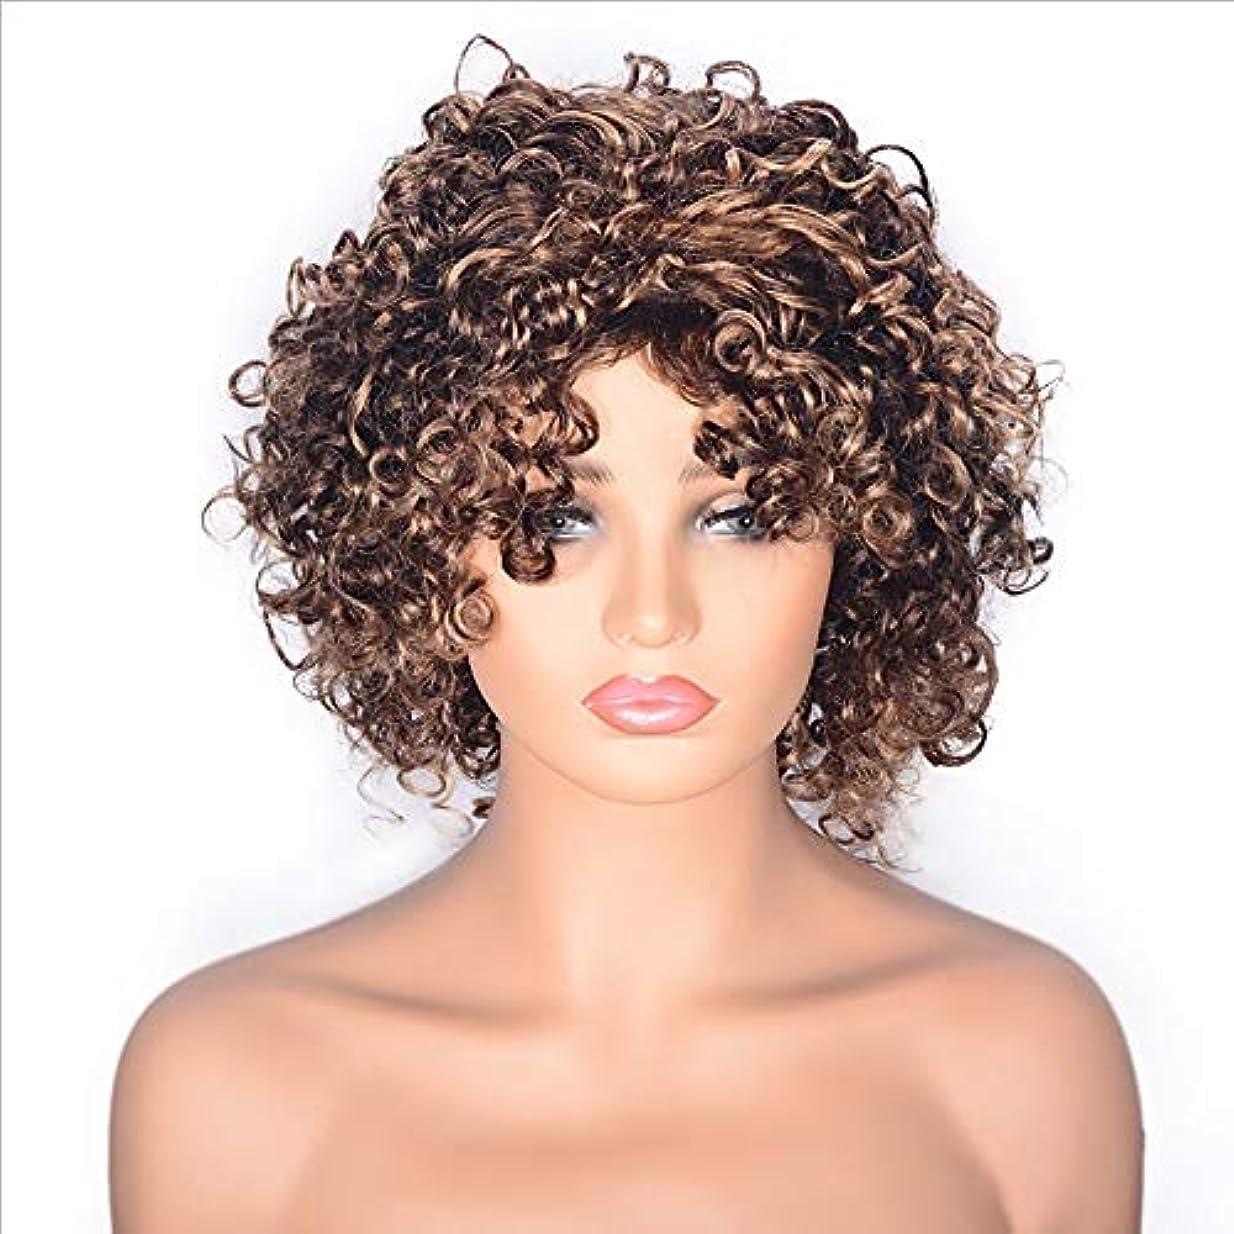 ご覧くださいブルーベルシマウマYOUQIU 虎門髪ショートカーリーウィッグブロンドとブラウンオンブルウィッグ耐熱性繊維のウィッグと黒人女性アフロ変態ウィッグ用レースフロントウィッグ (色 : ブラウン, サイズ : 12